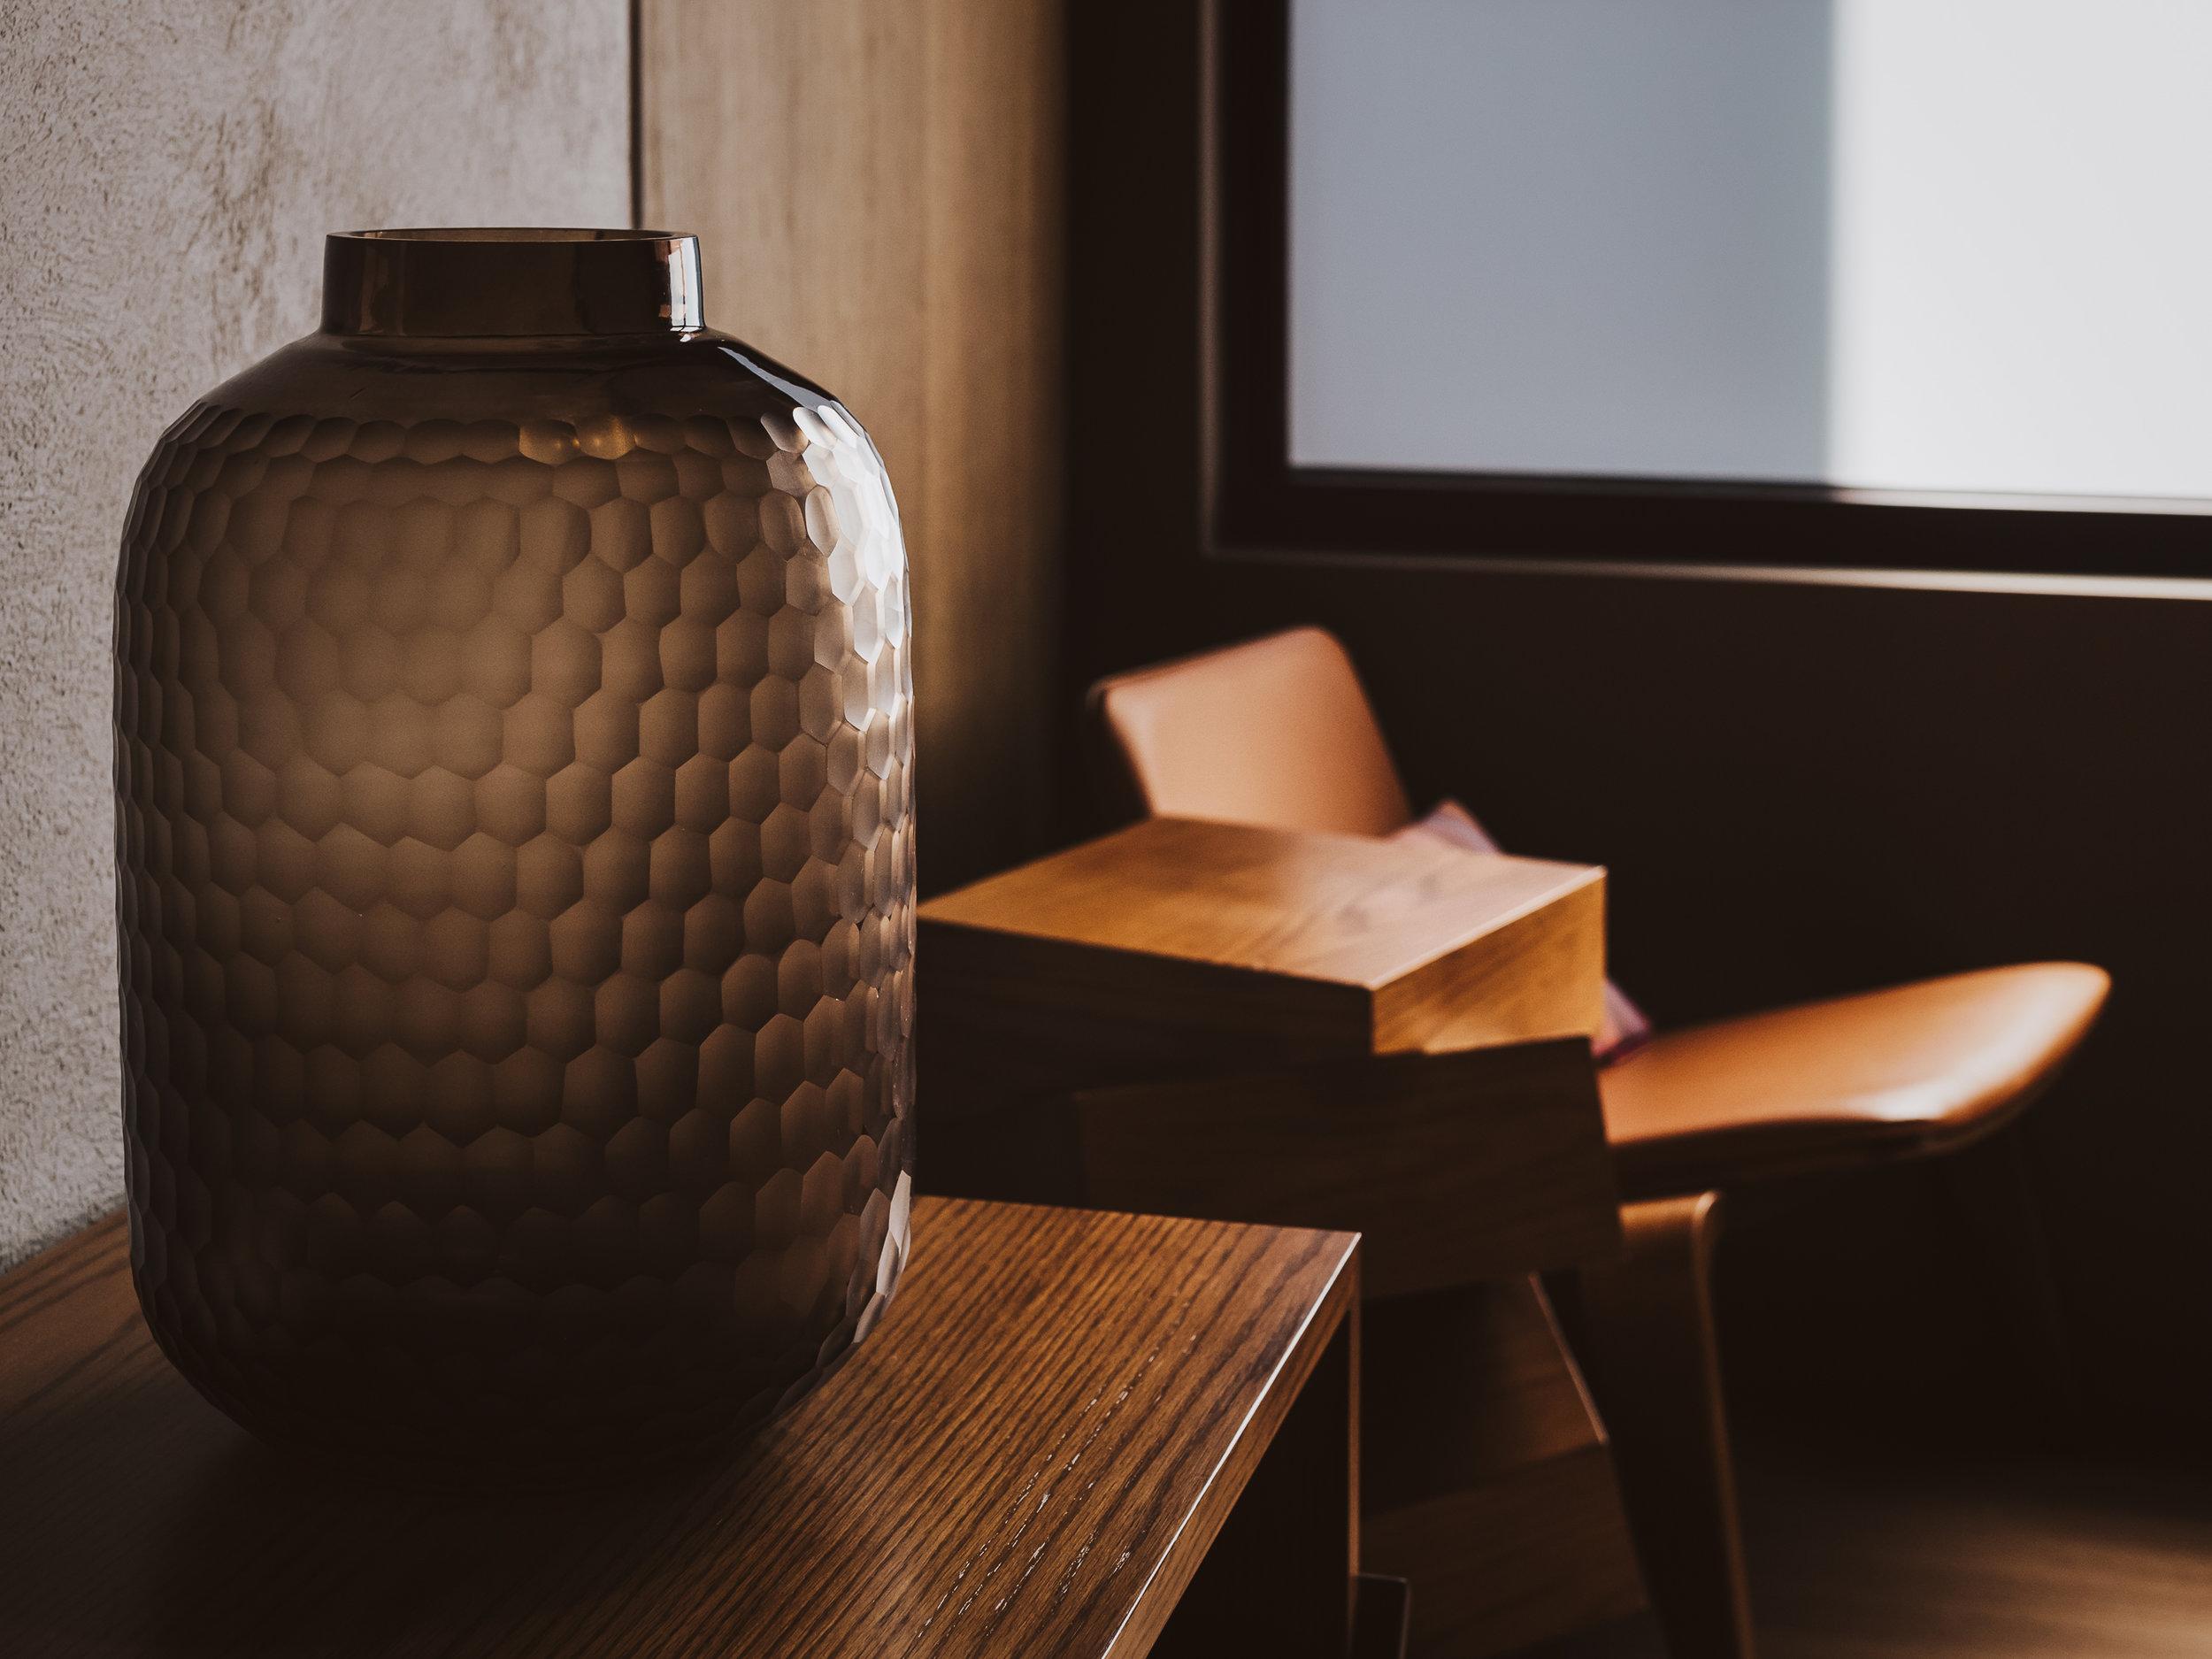 Home Hotel Da-An Interior Photography - Olympus EM1Markii 2512 - Yes! Please Enjoy-26.jpg